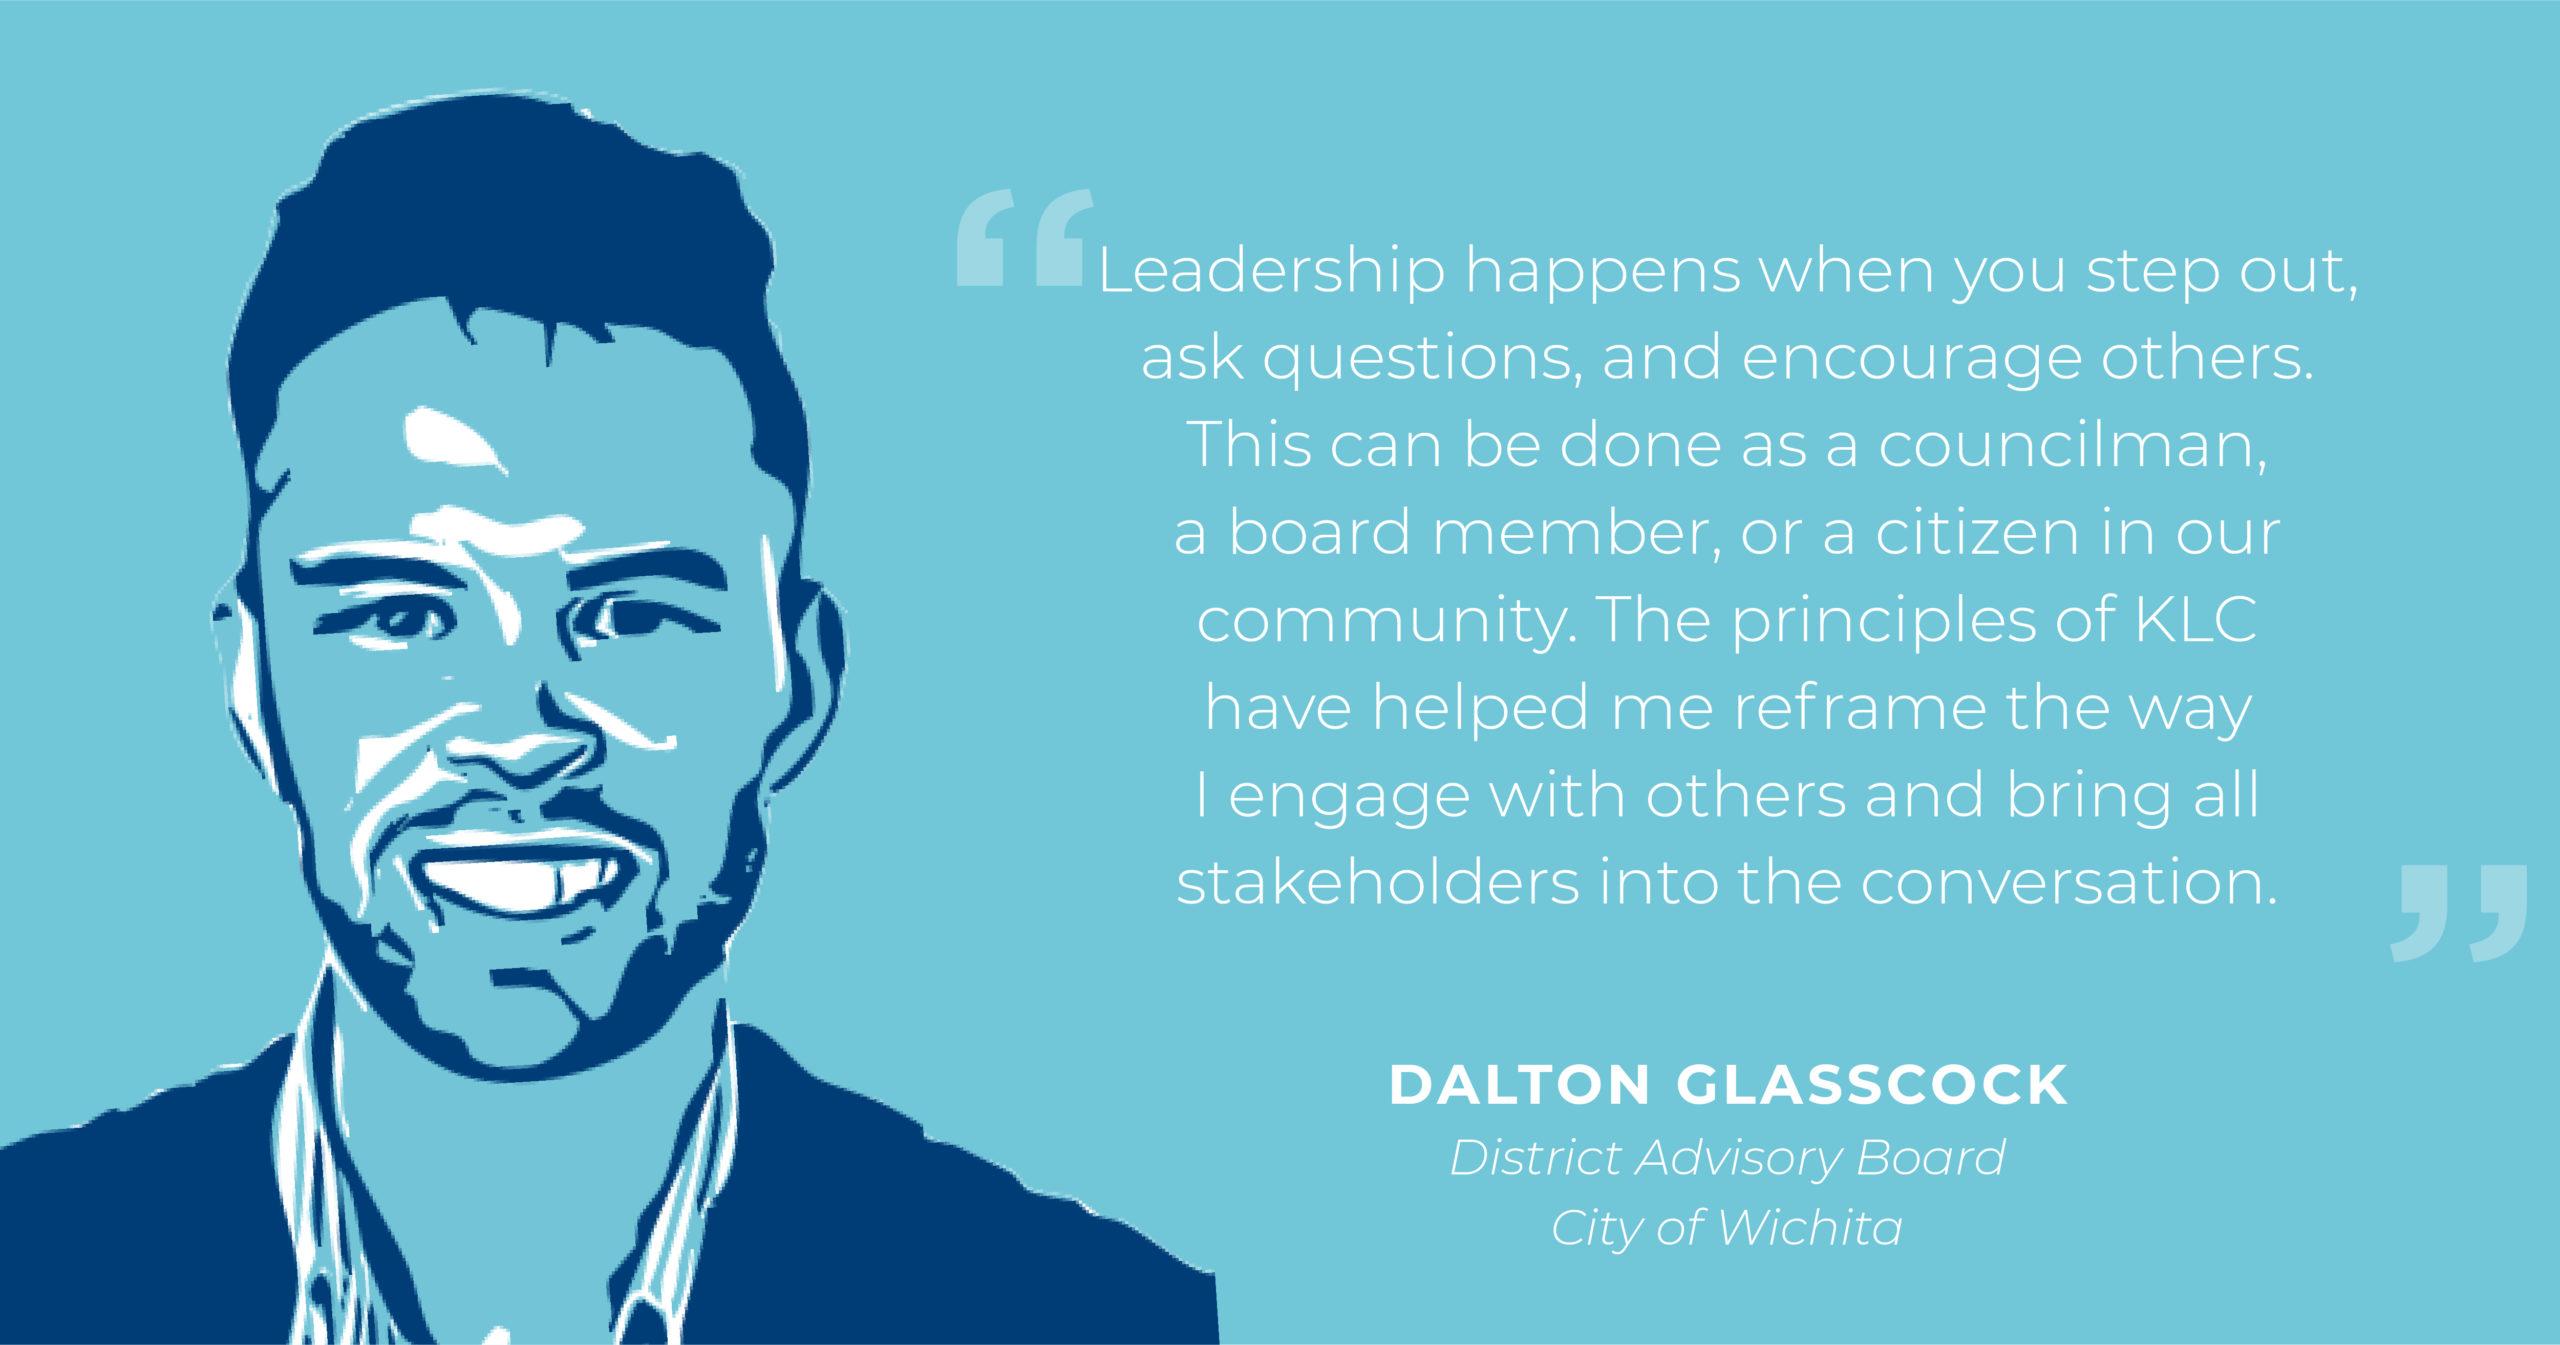 Dalton Glasscock